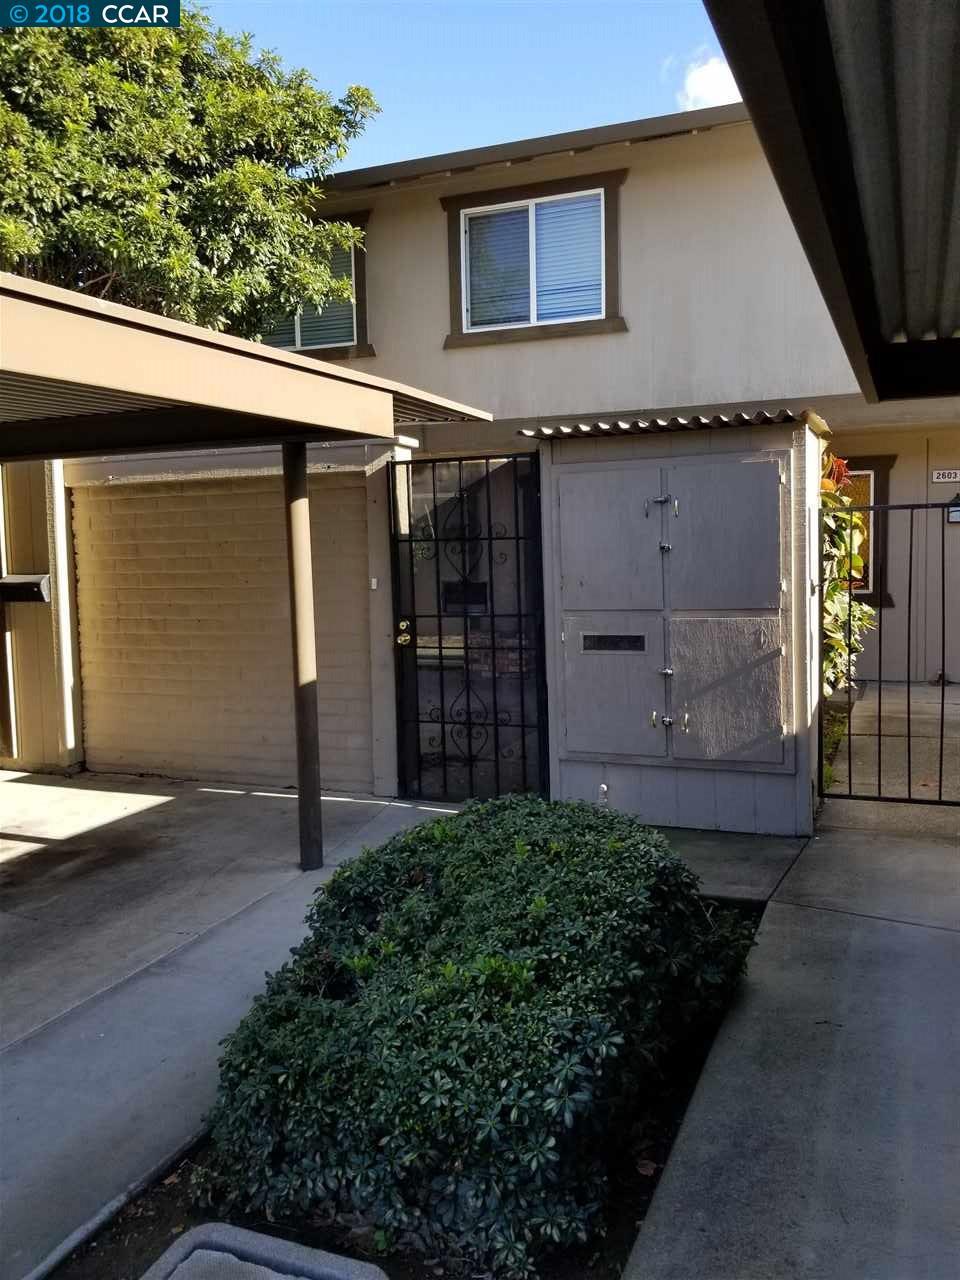 تاون هاوس للـ Sale في 2605 Rutgers Lane 2605 Rutgers Lane Antioch, California 94509 United States